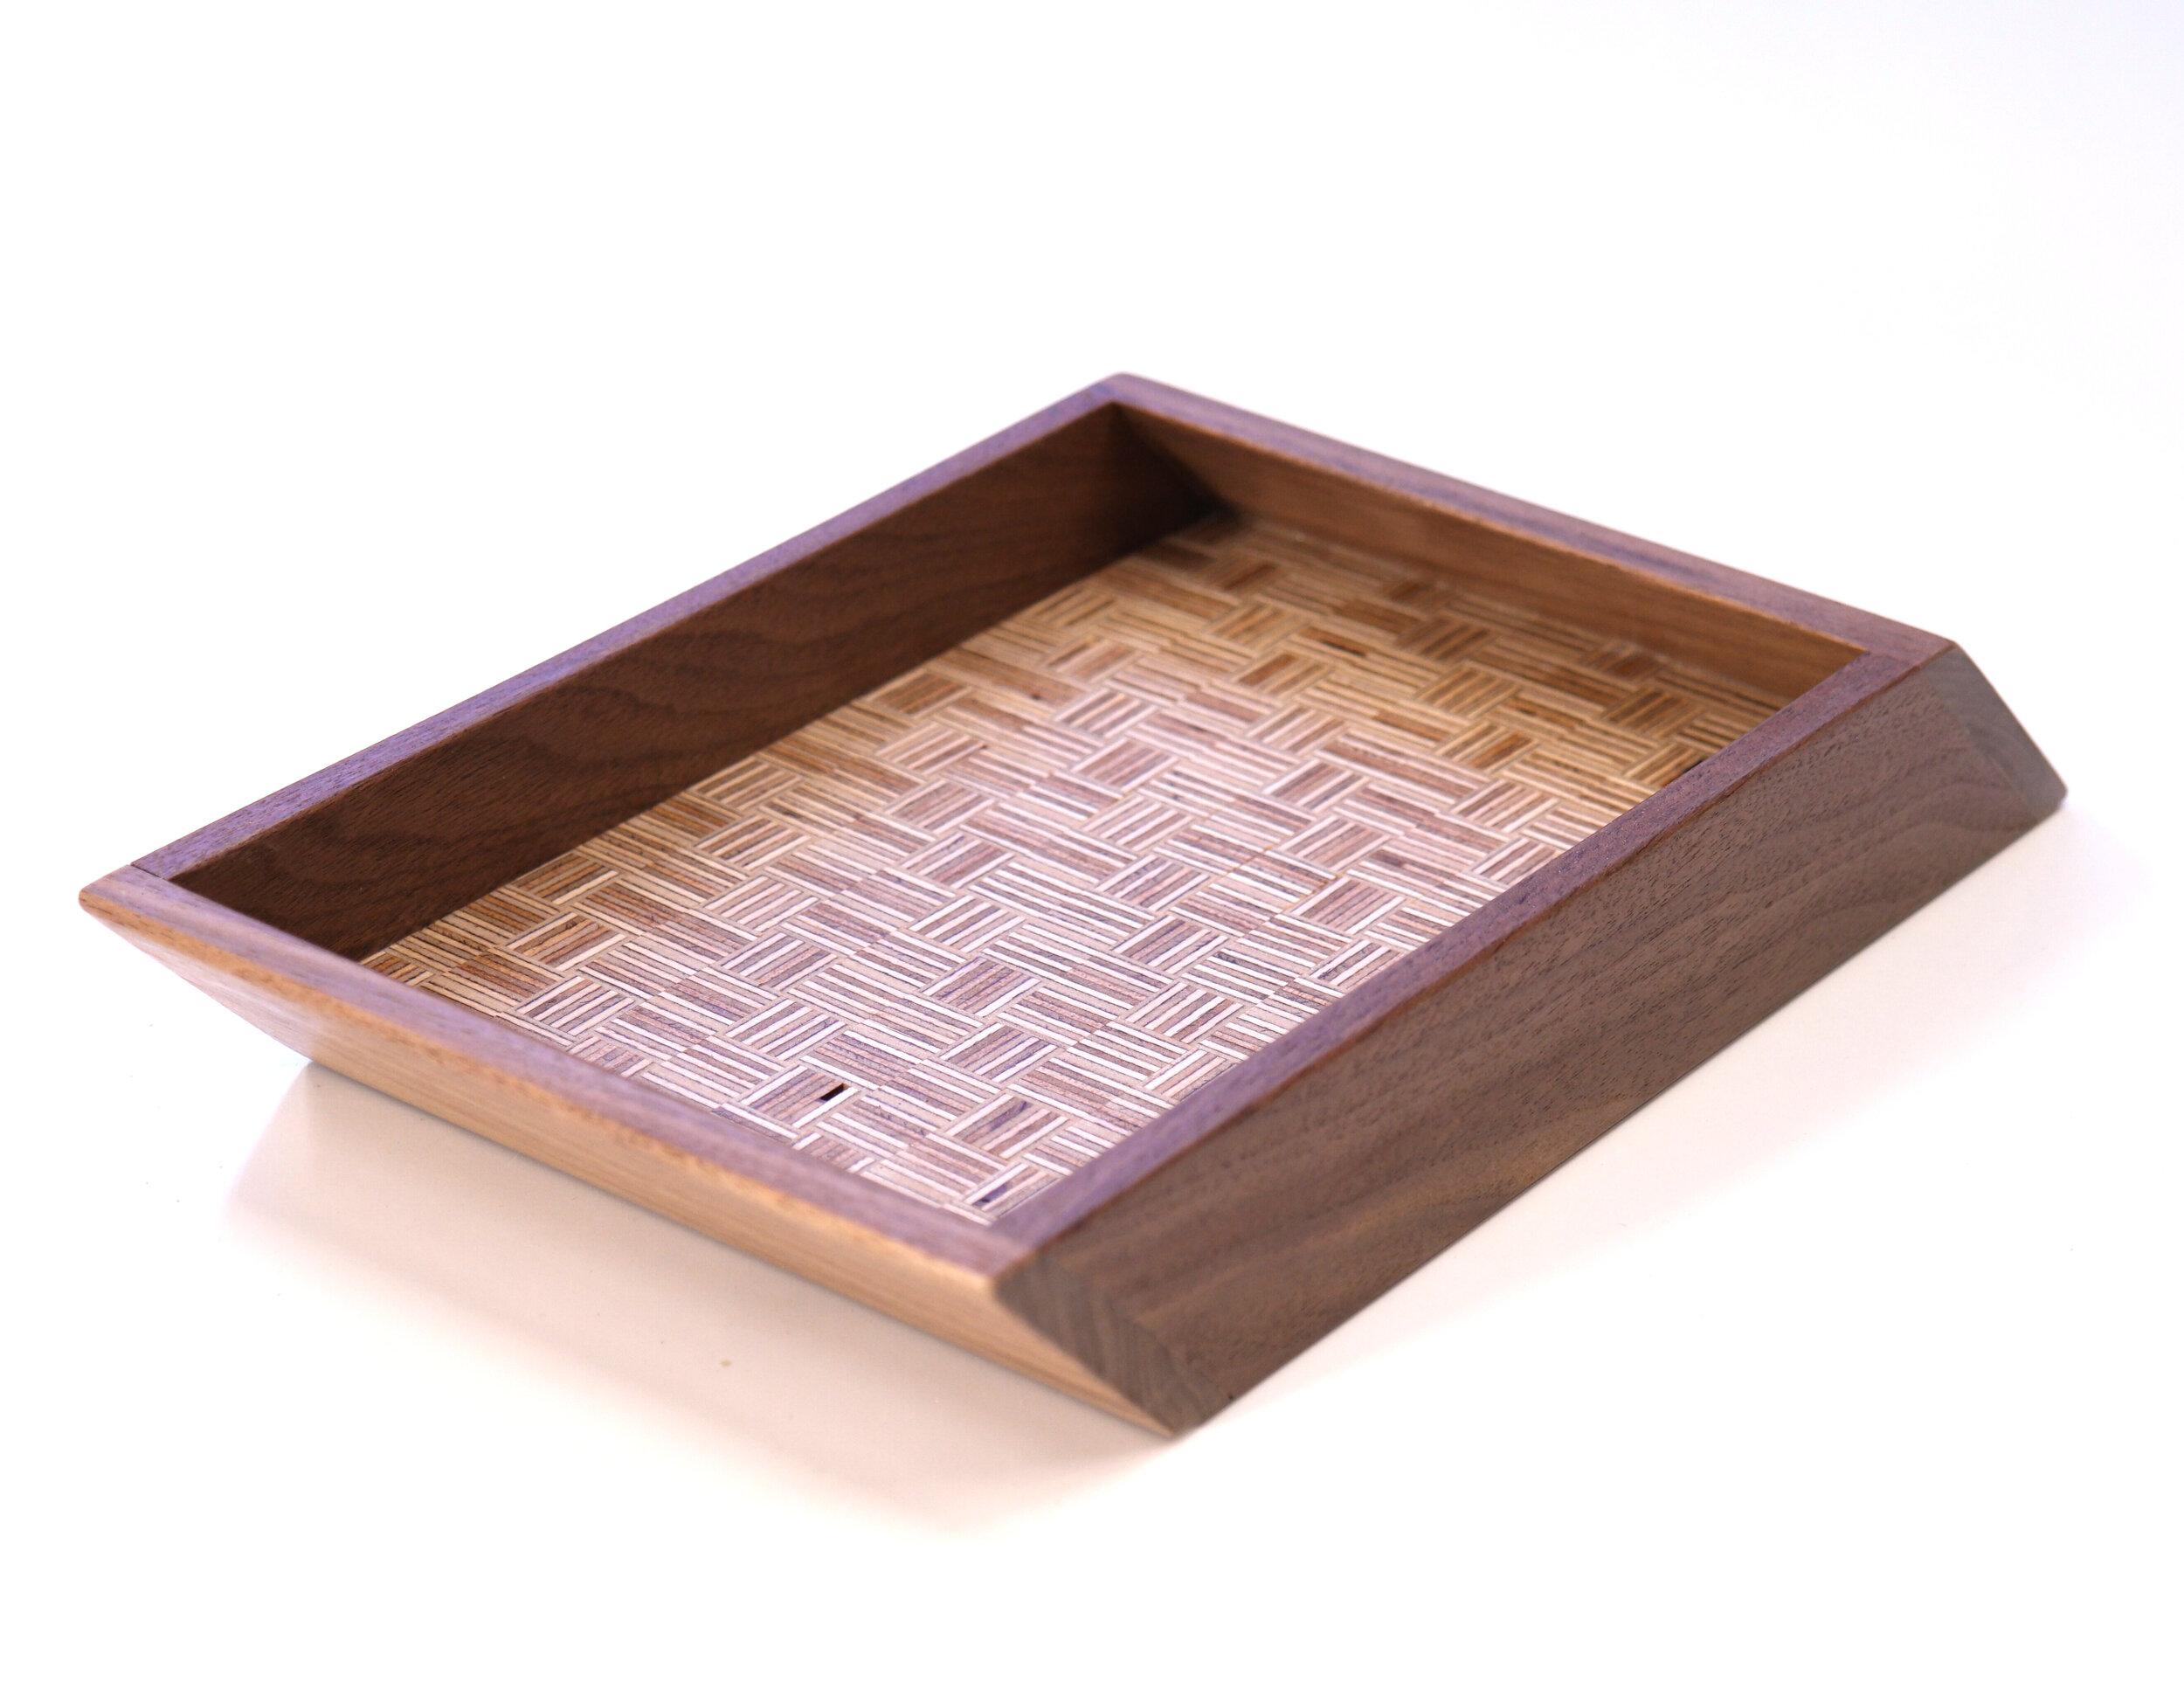 Basket Weave 2 - https://www.ebay.com/itm/333336244131